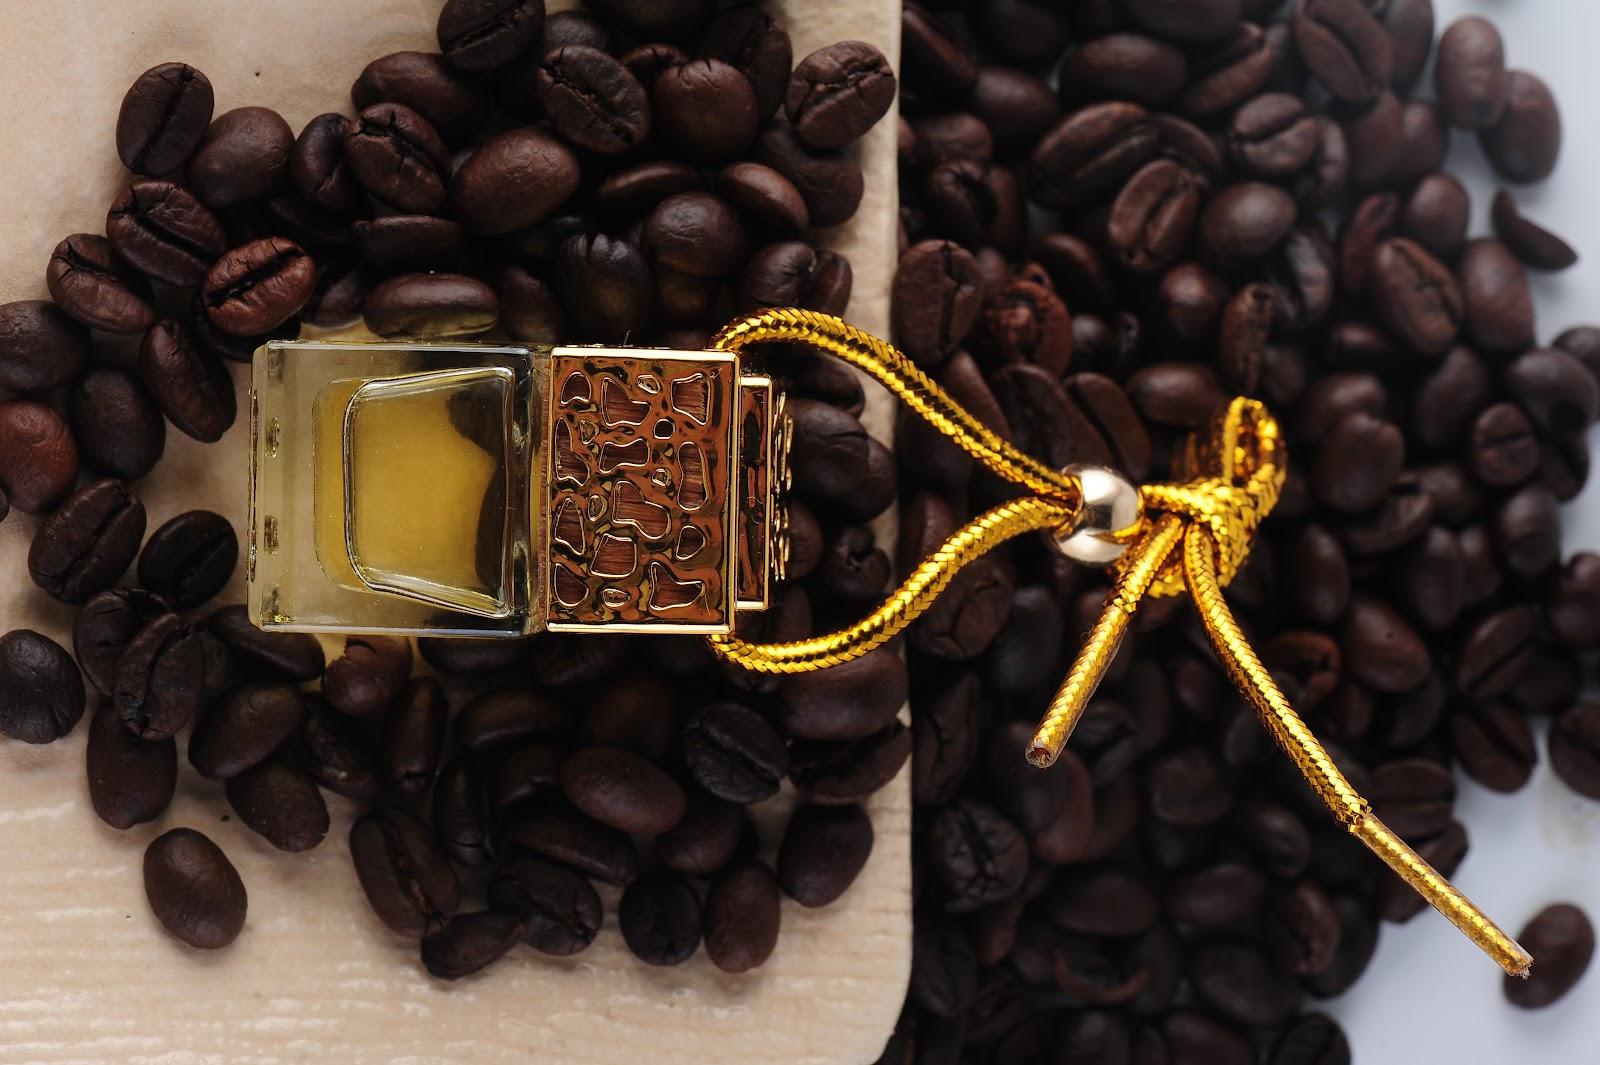 Tinh Dầu Treo Xe Cao Cấp Laco Cafe Macchiato chiết xuất từ Cafe nguyên chất